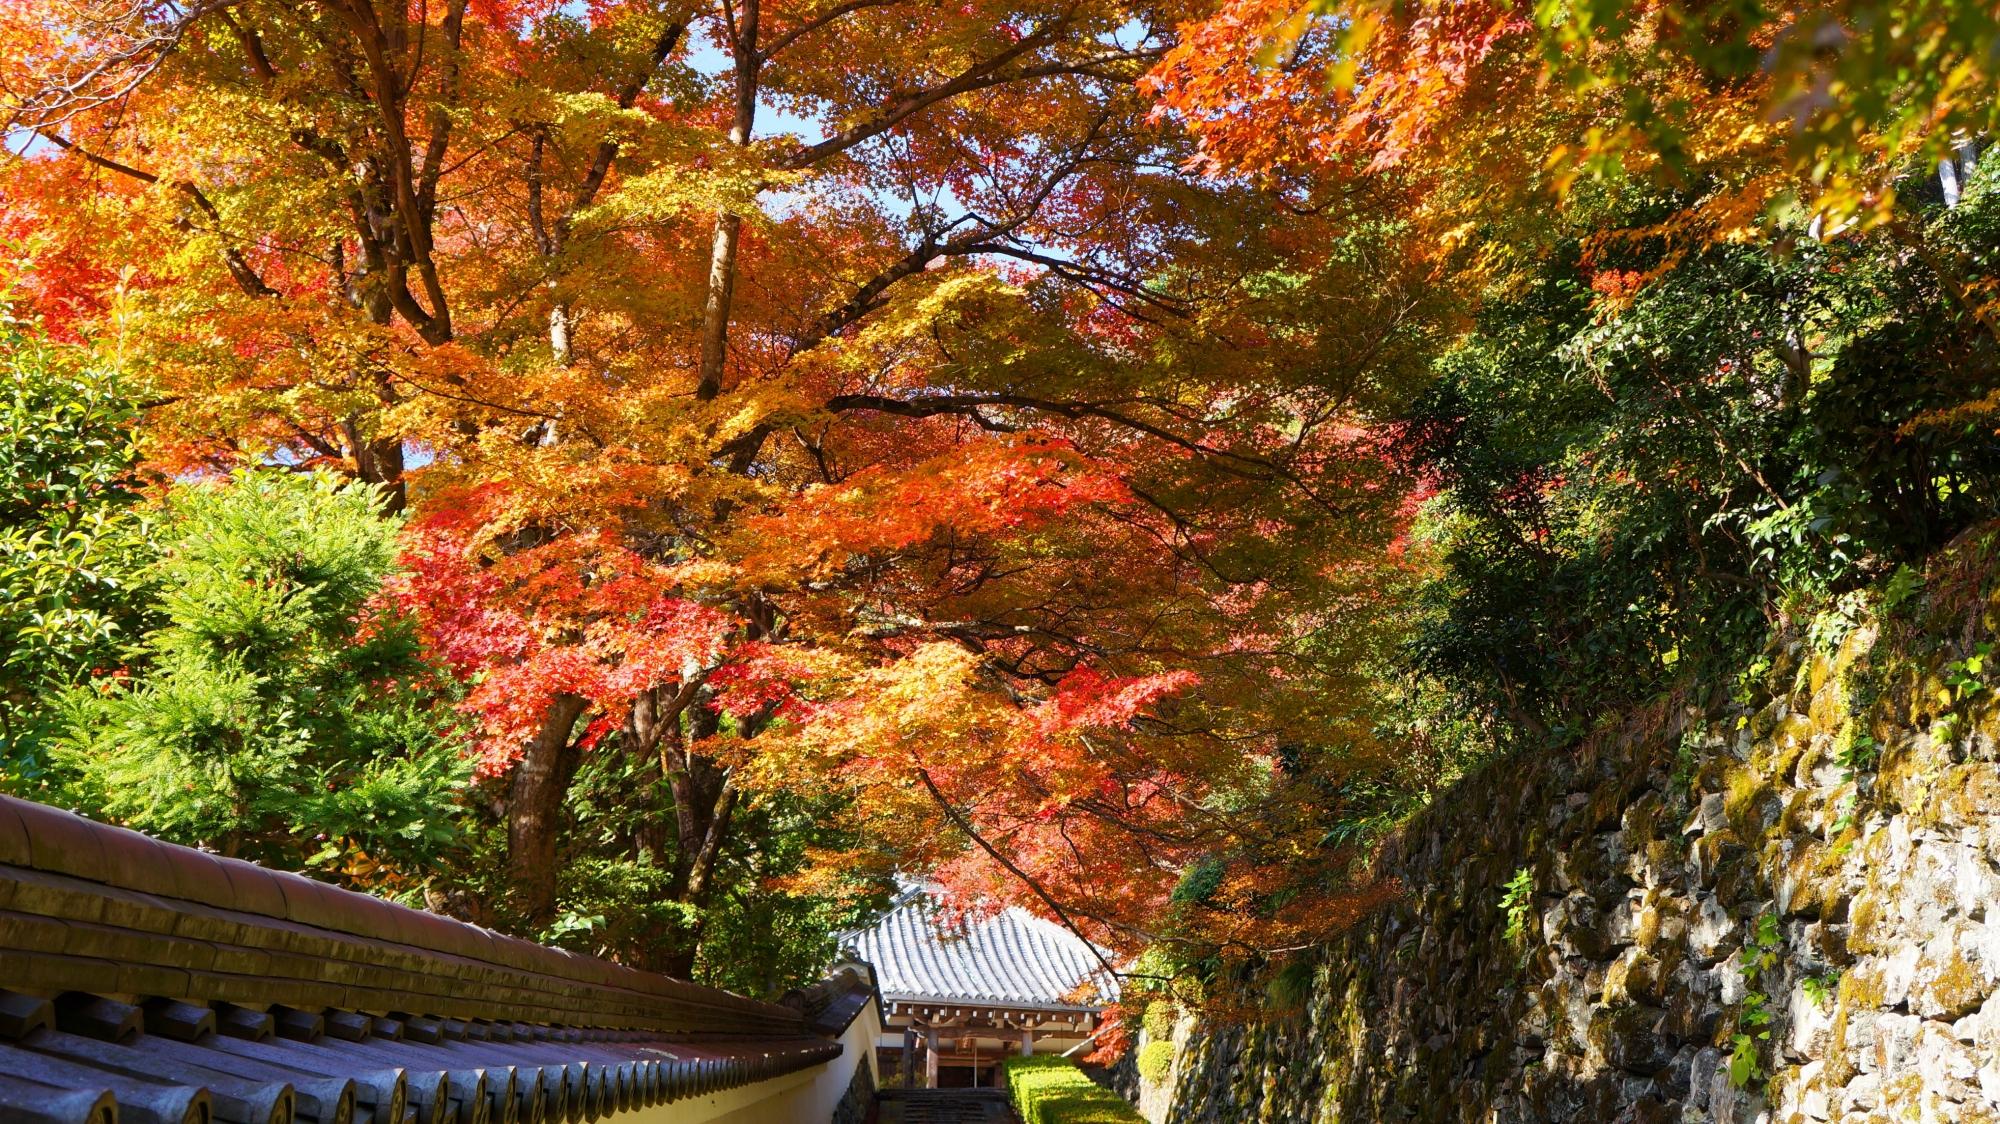 阿弥陀堂前の鮮やかな紅葉